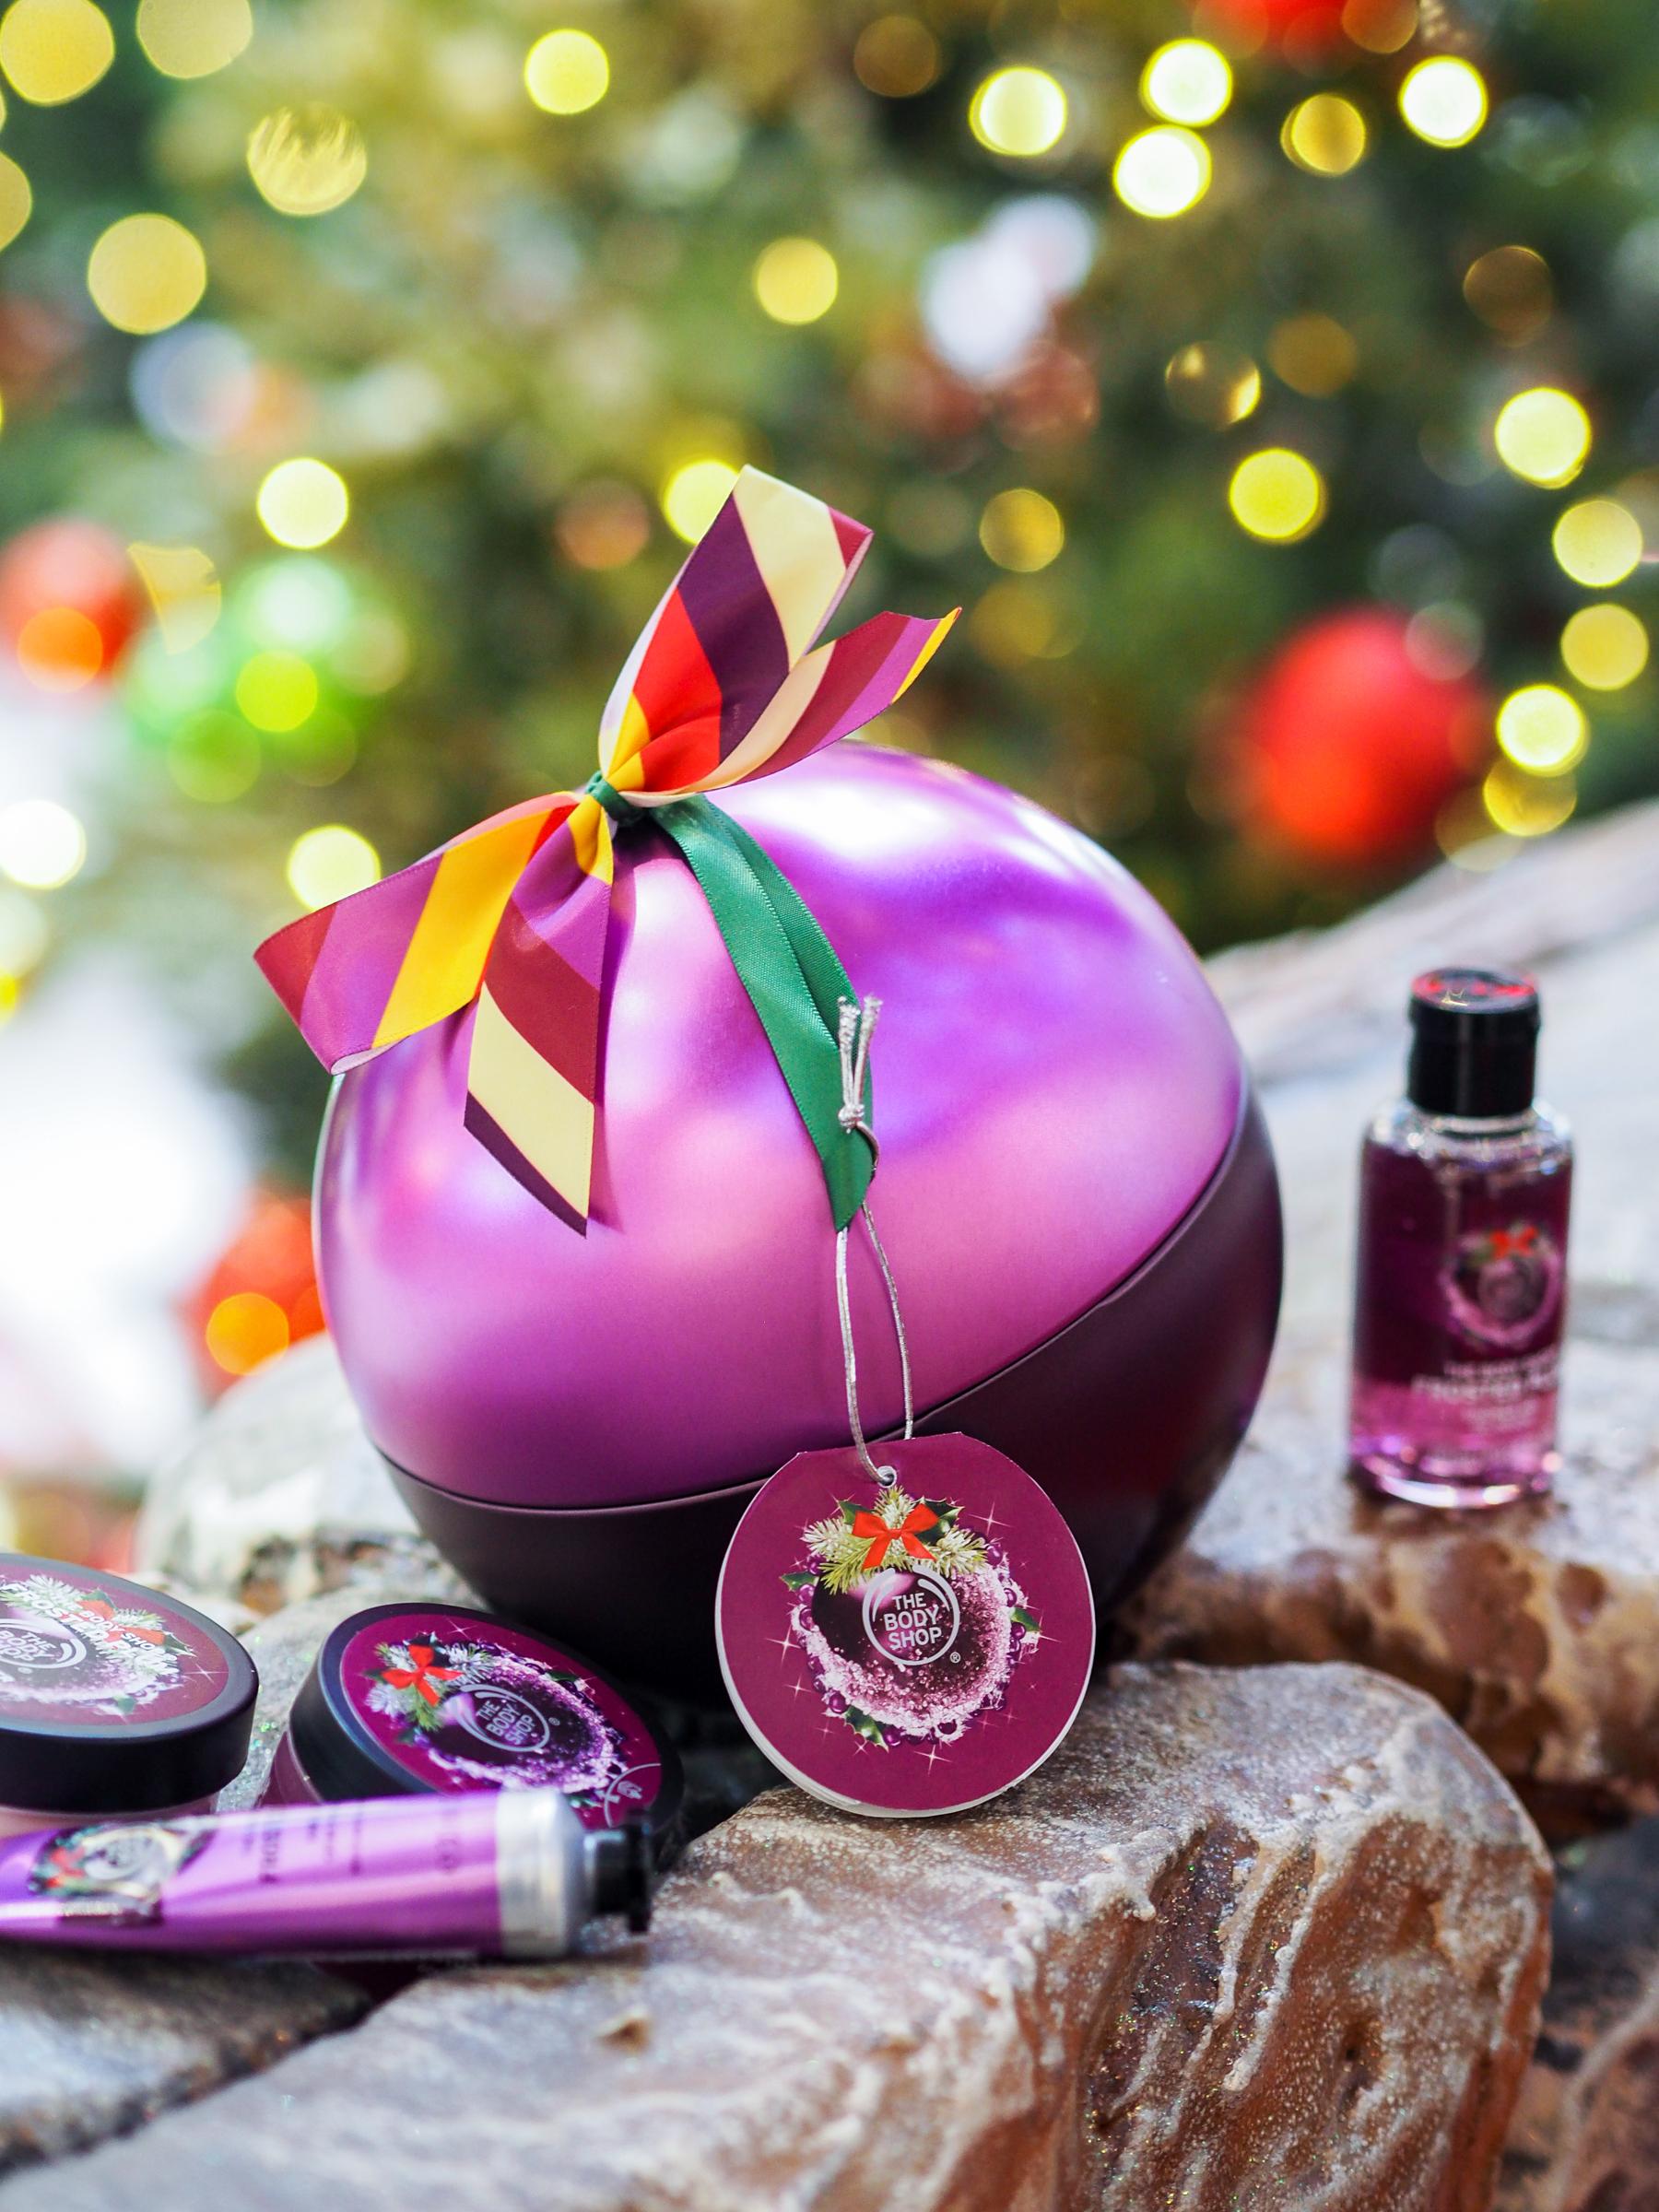 Cadeau De Noel à La Mode.Cadeau A La Mode Pour Noel